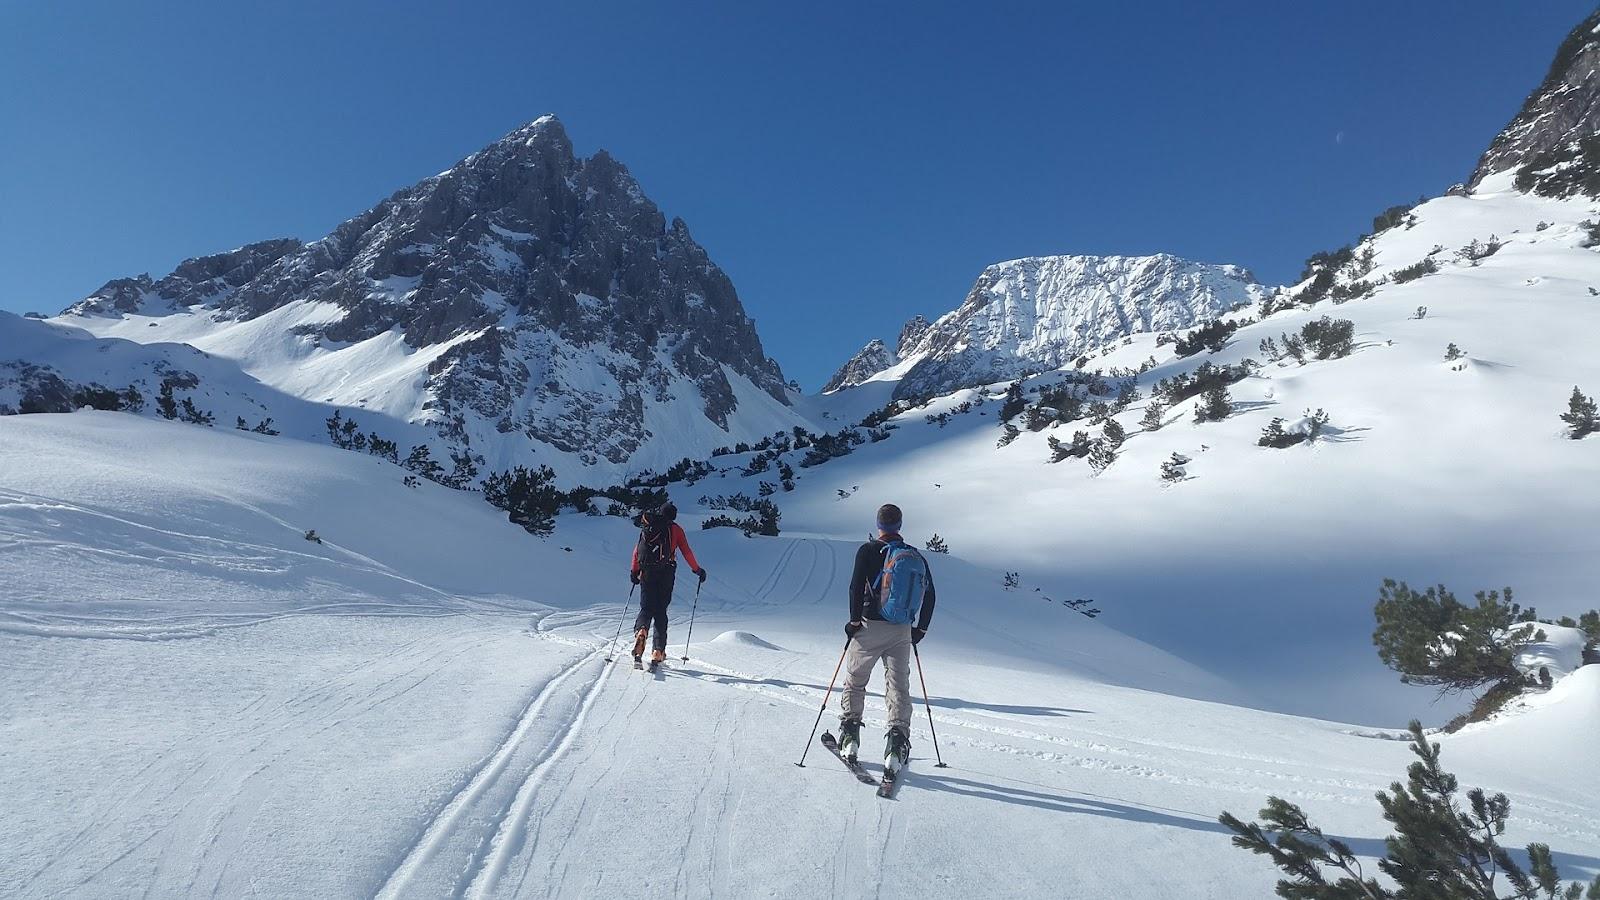 Hãy khởi động kỹ trước khi trượt tuyết để tránh tai nạn